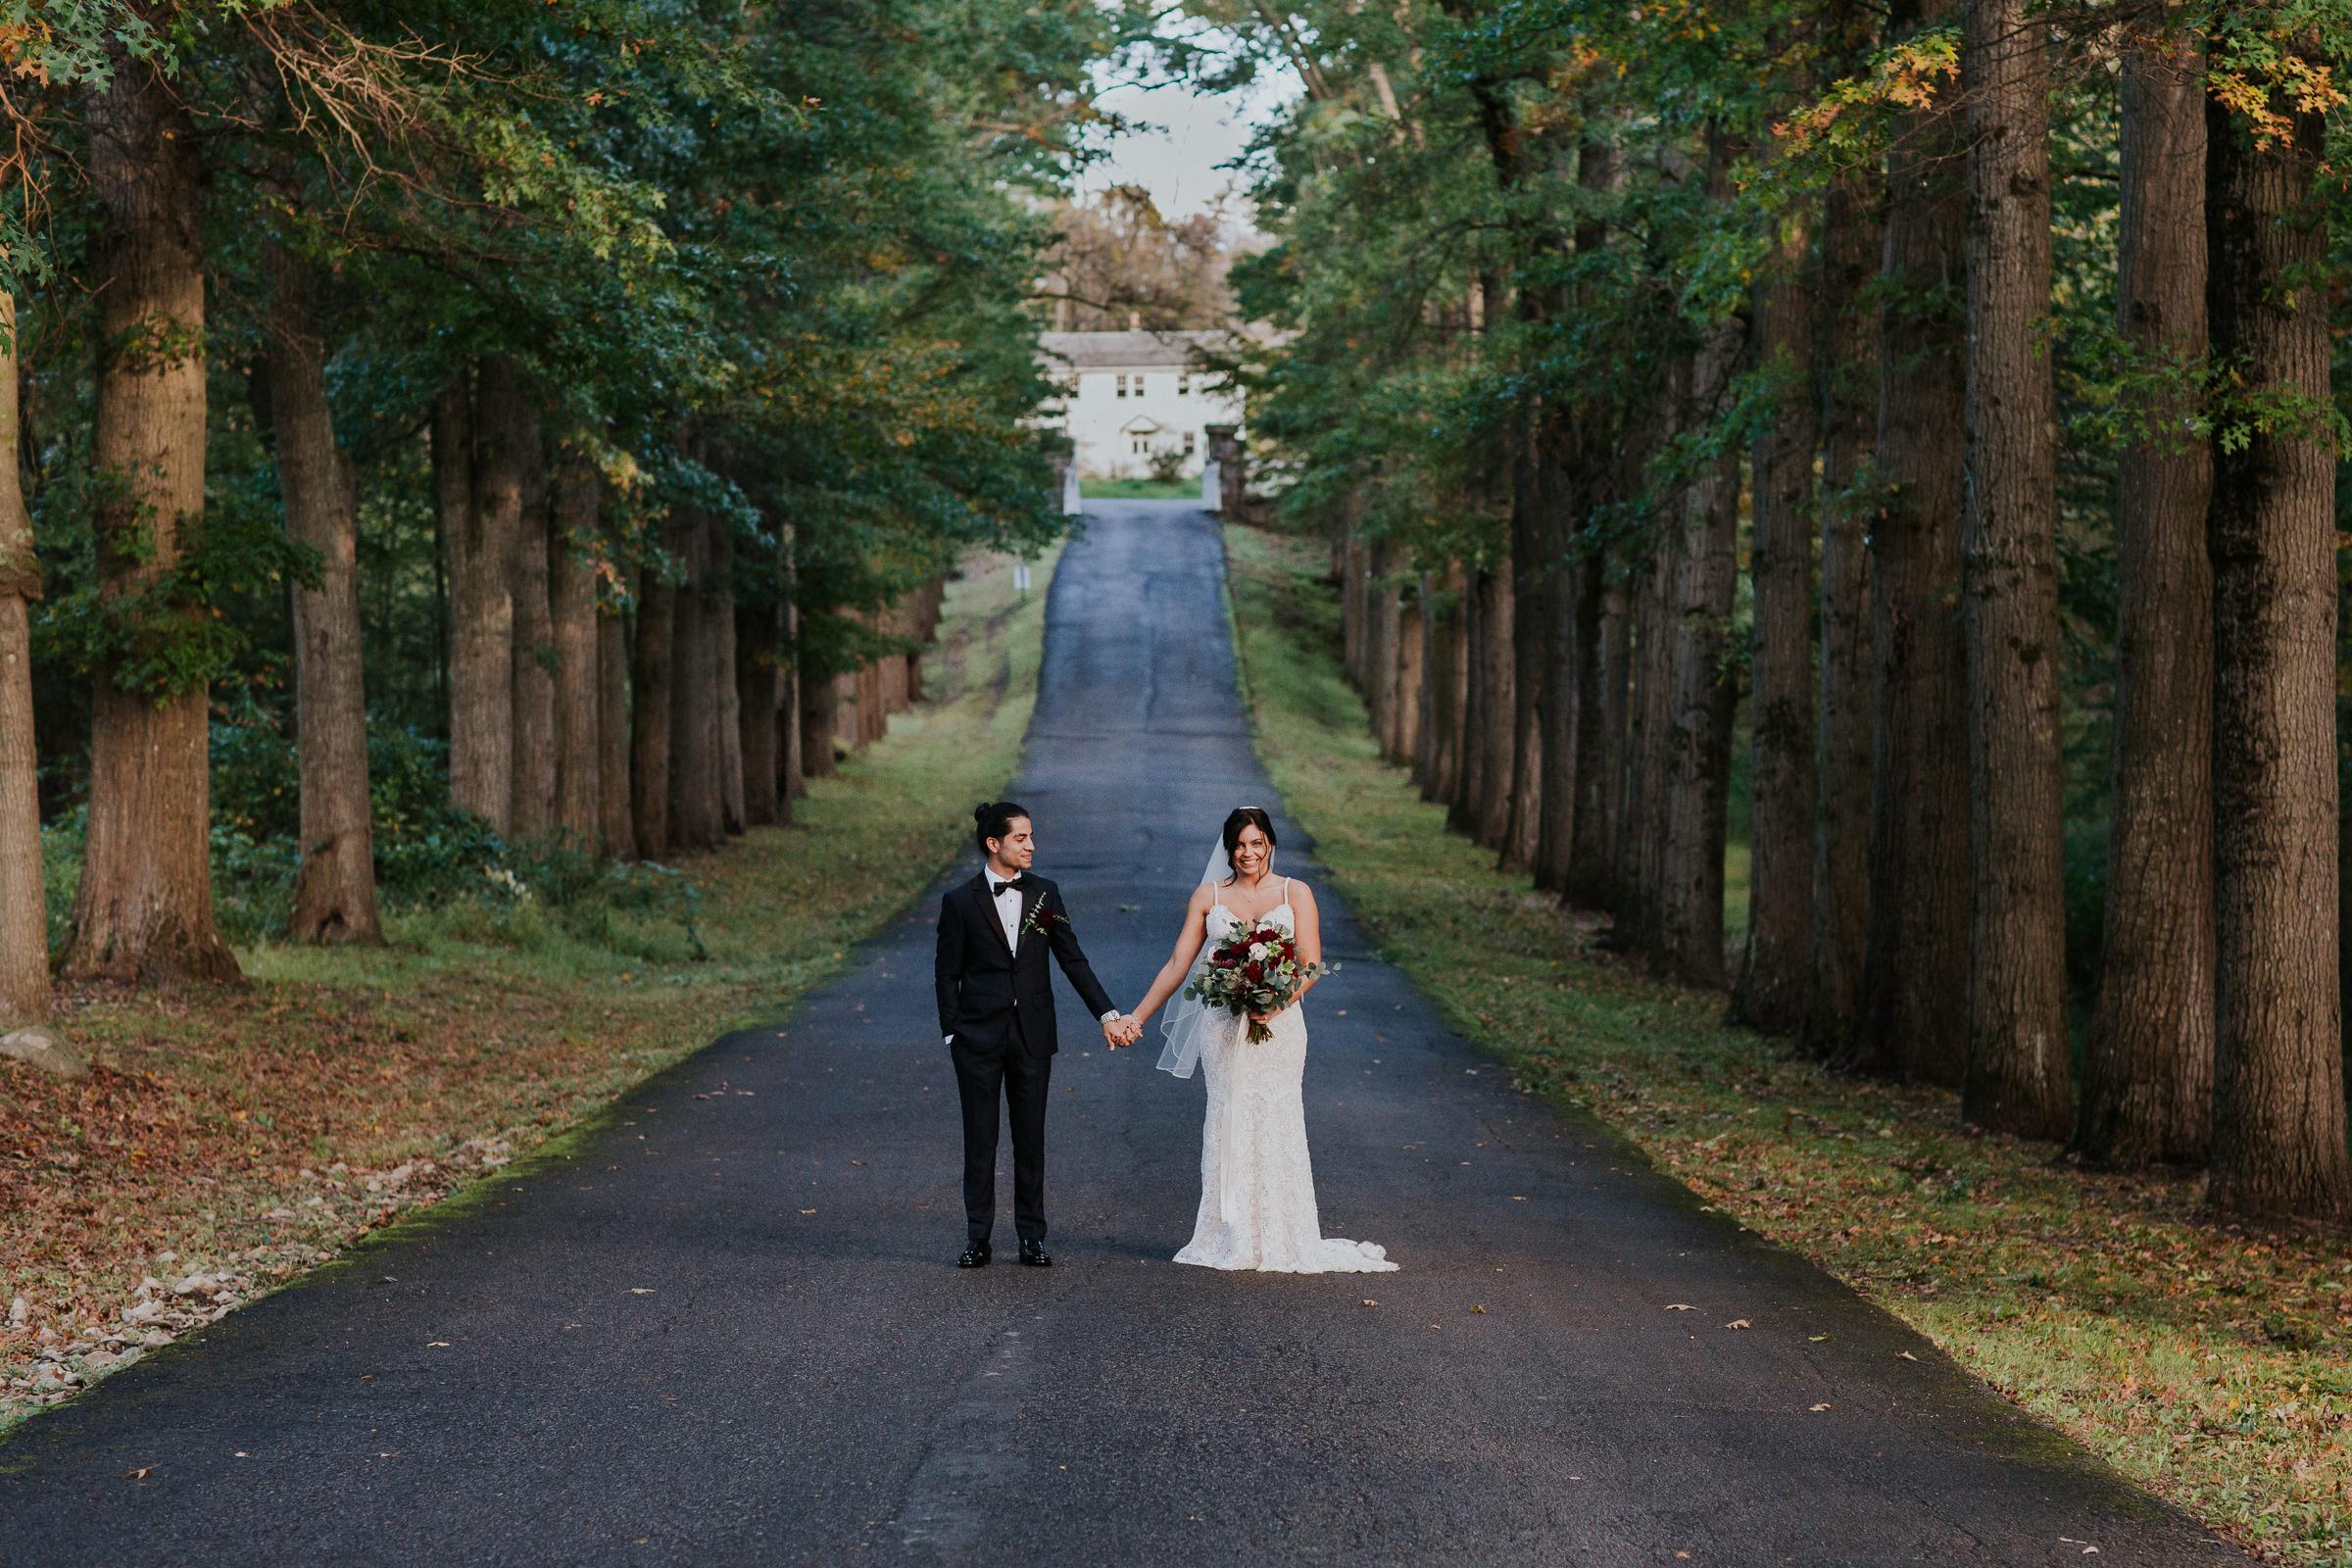 Arrow-Park-Monroe-NY-Documentary-Wedding-Photographer-65.jpg